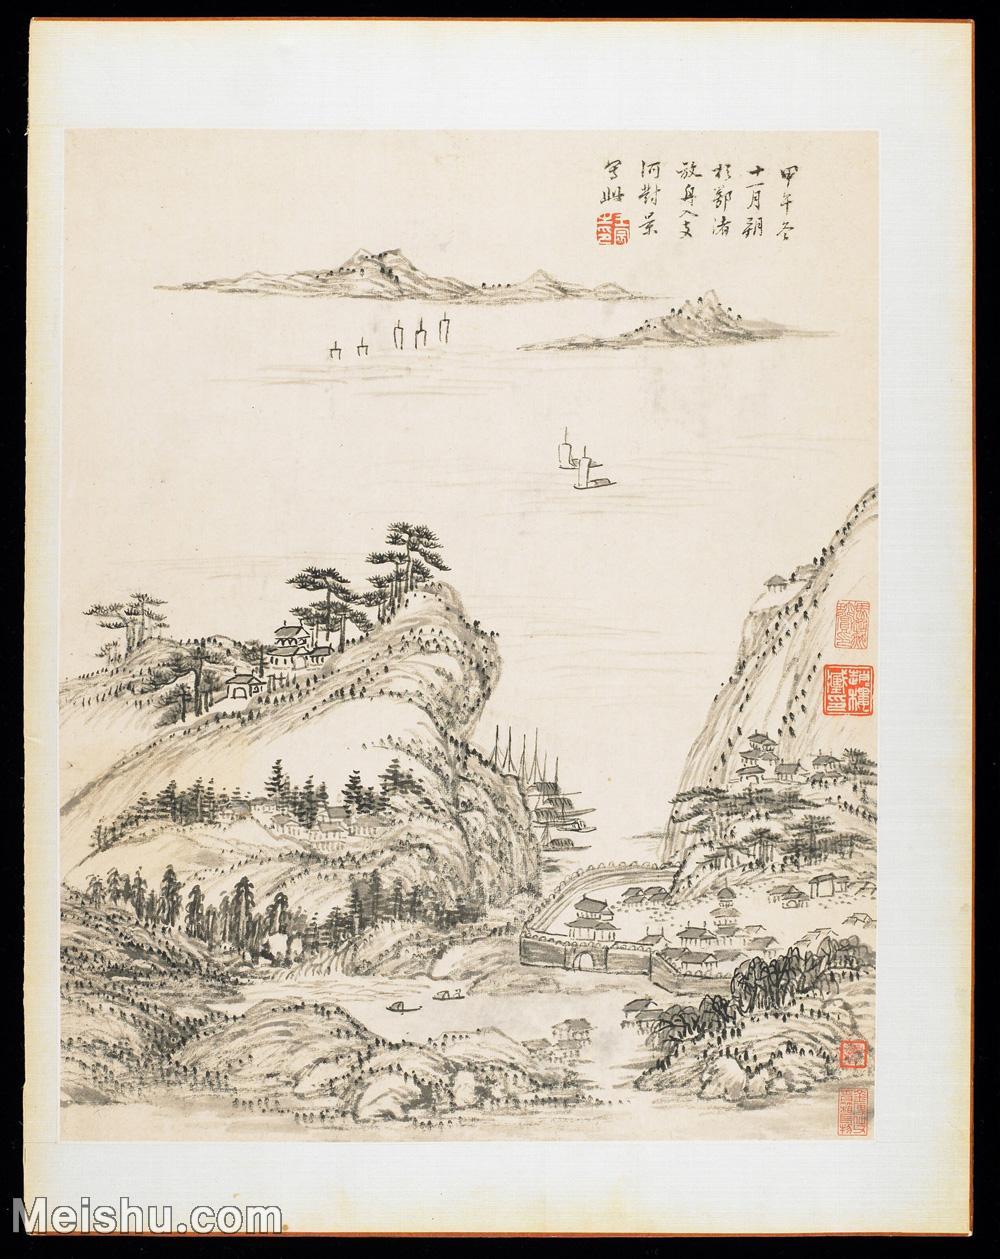 【打印级】GH6064204古画山水册页-(8)册页图片-23M-2541X3199.jpg